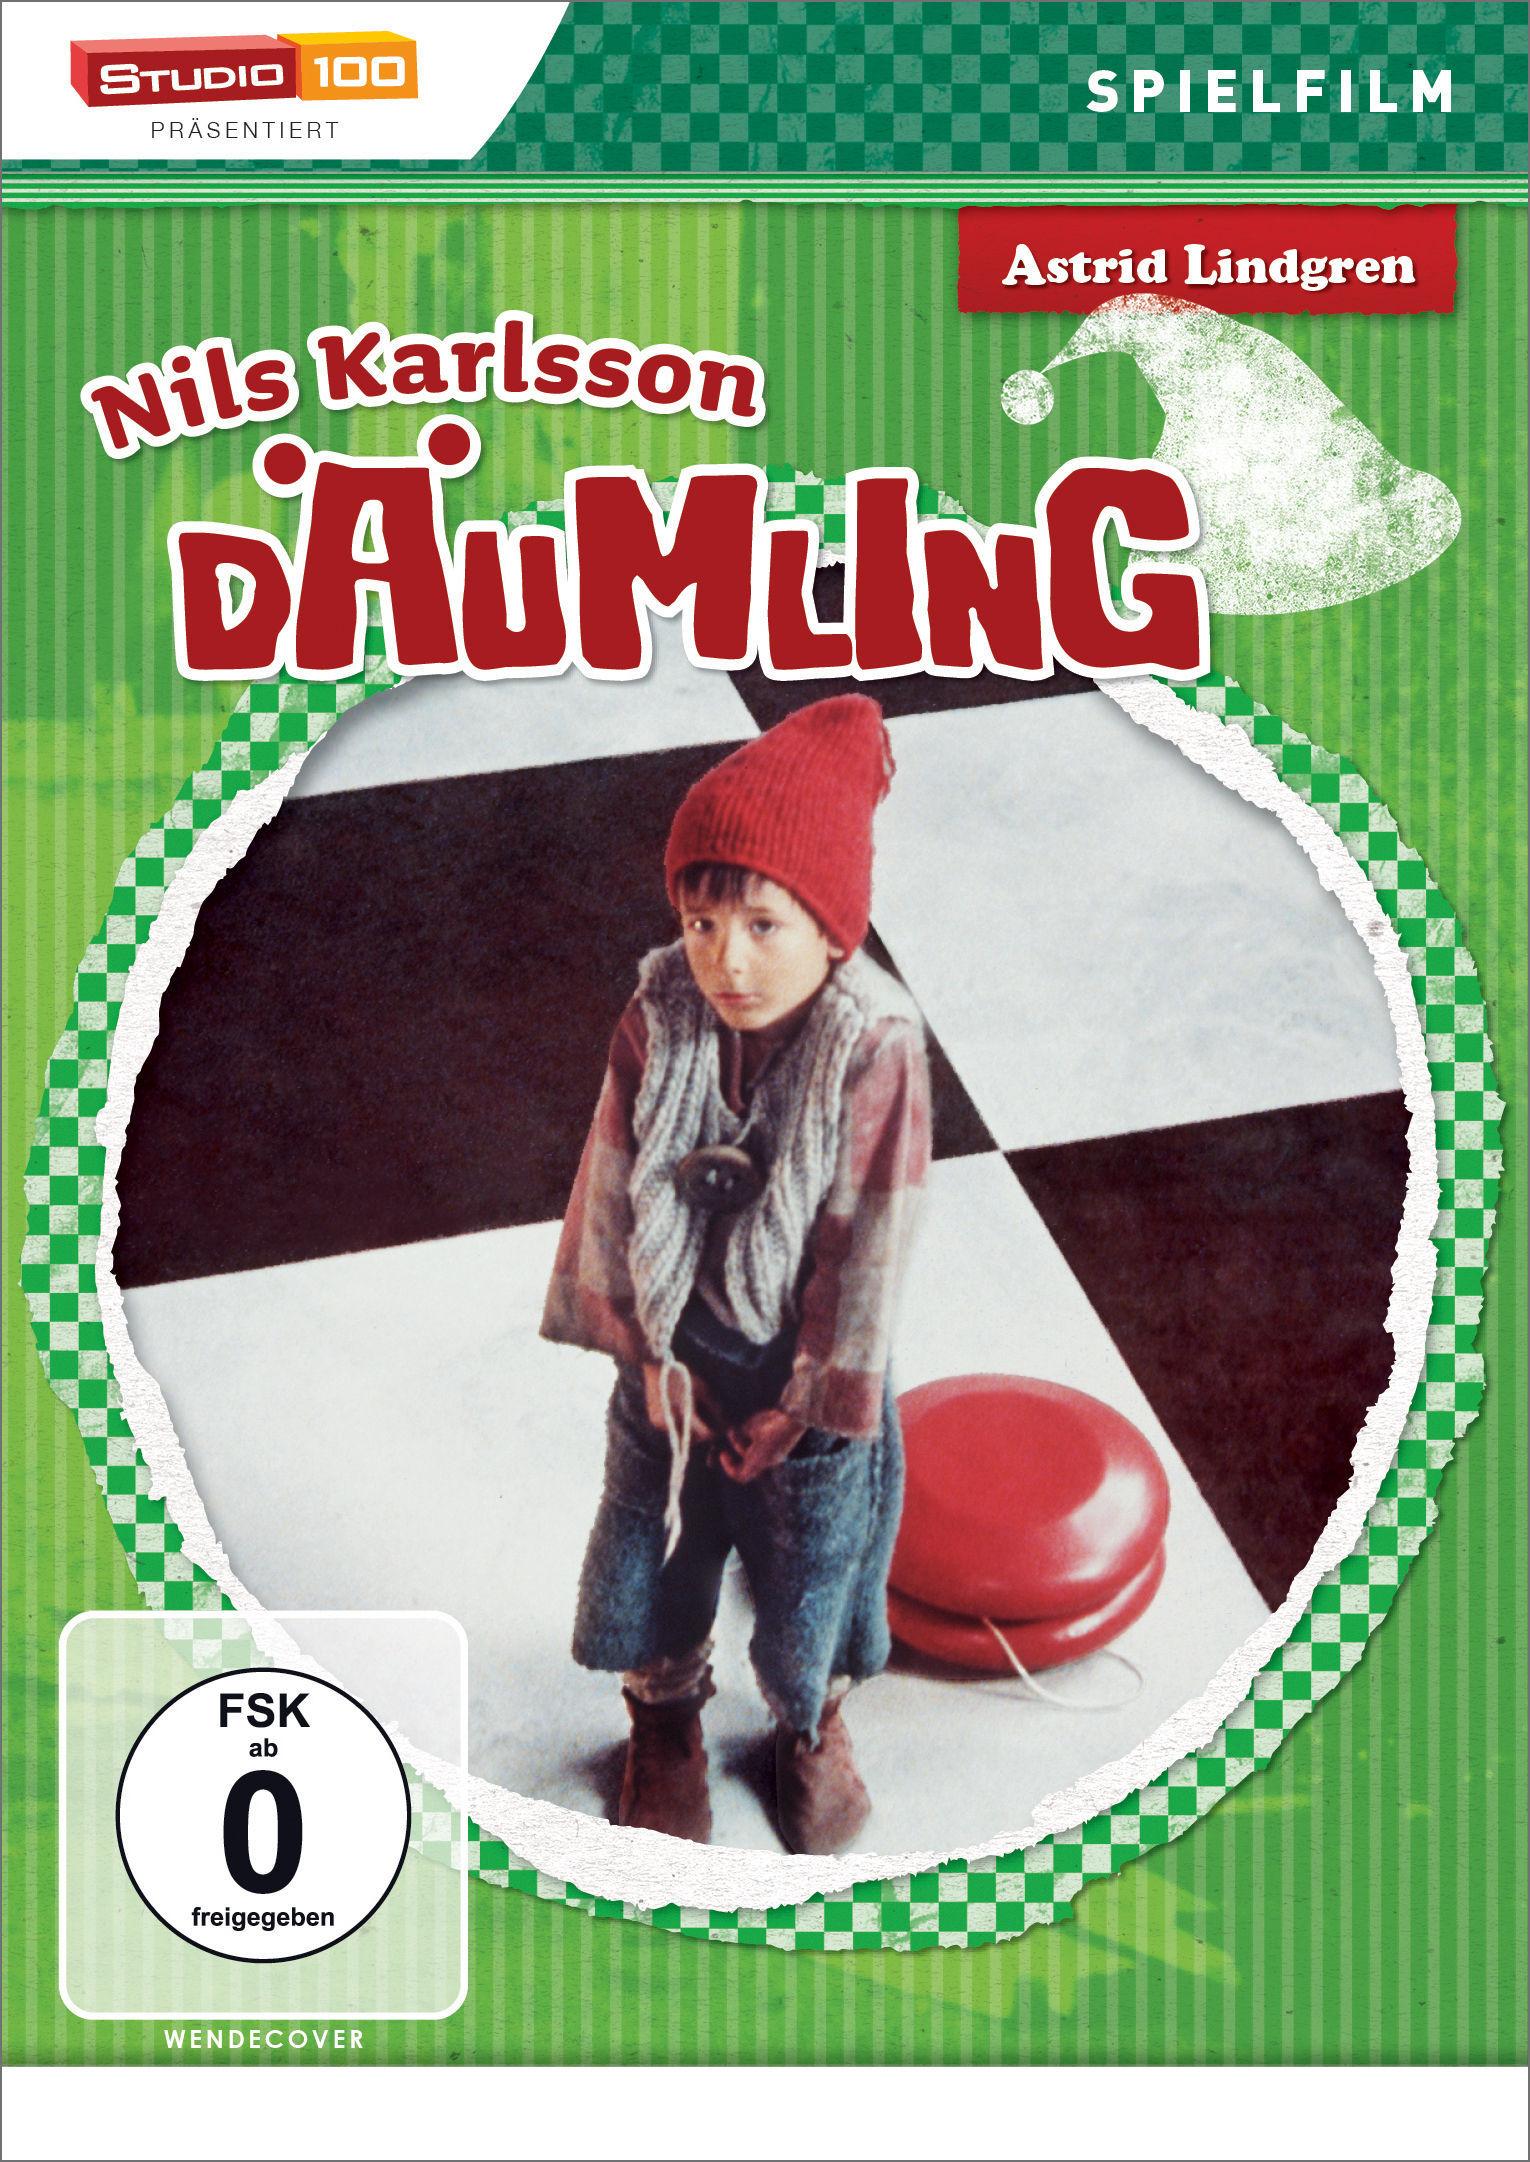 Image of Nils Karlsson Däumling